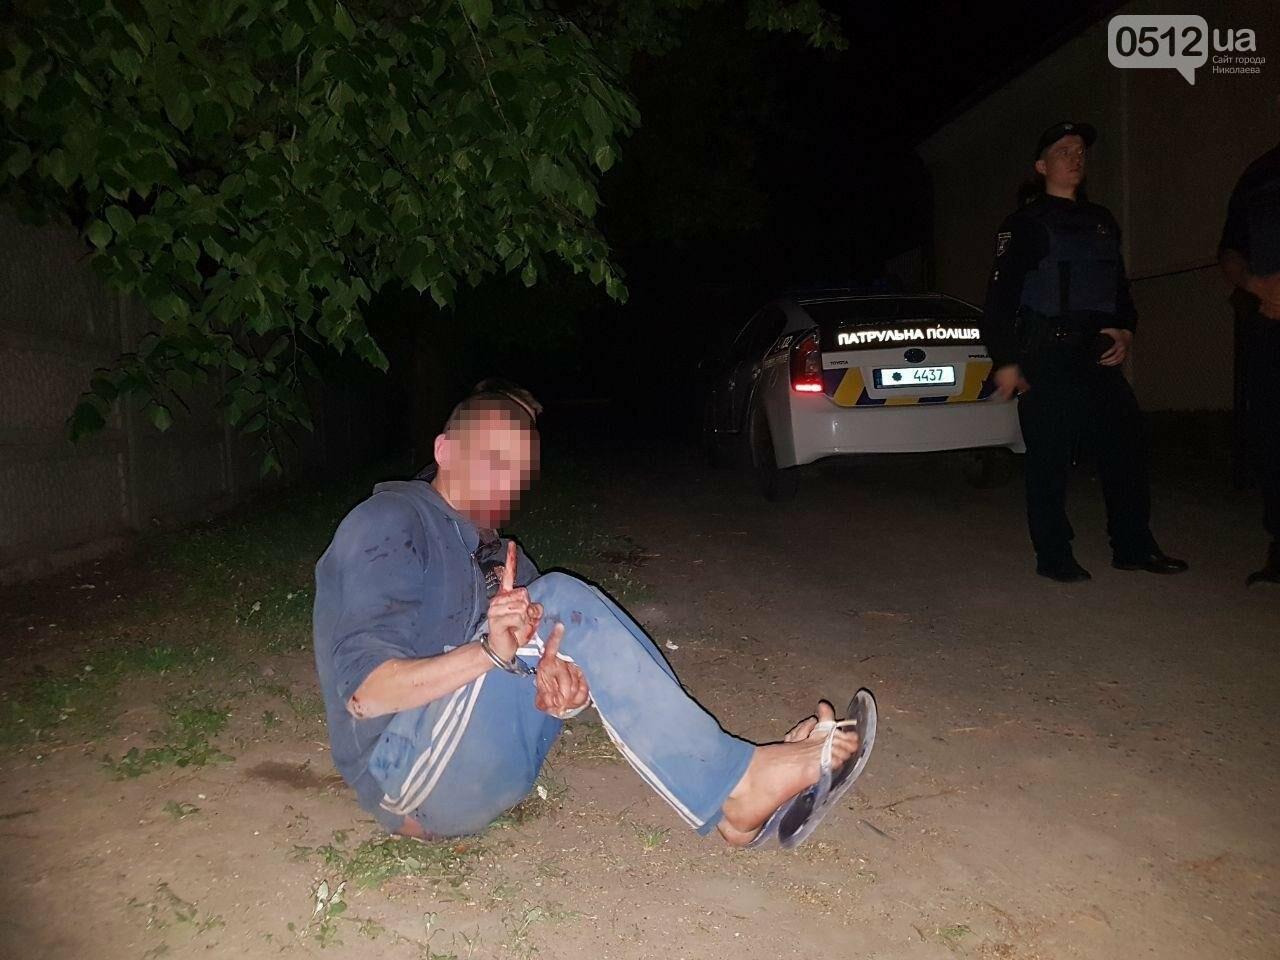 В Николаеве двое парней чуть не устроили поножовщину: патрульные подоспели вовремя, - ФОТО, фото-8